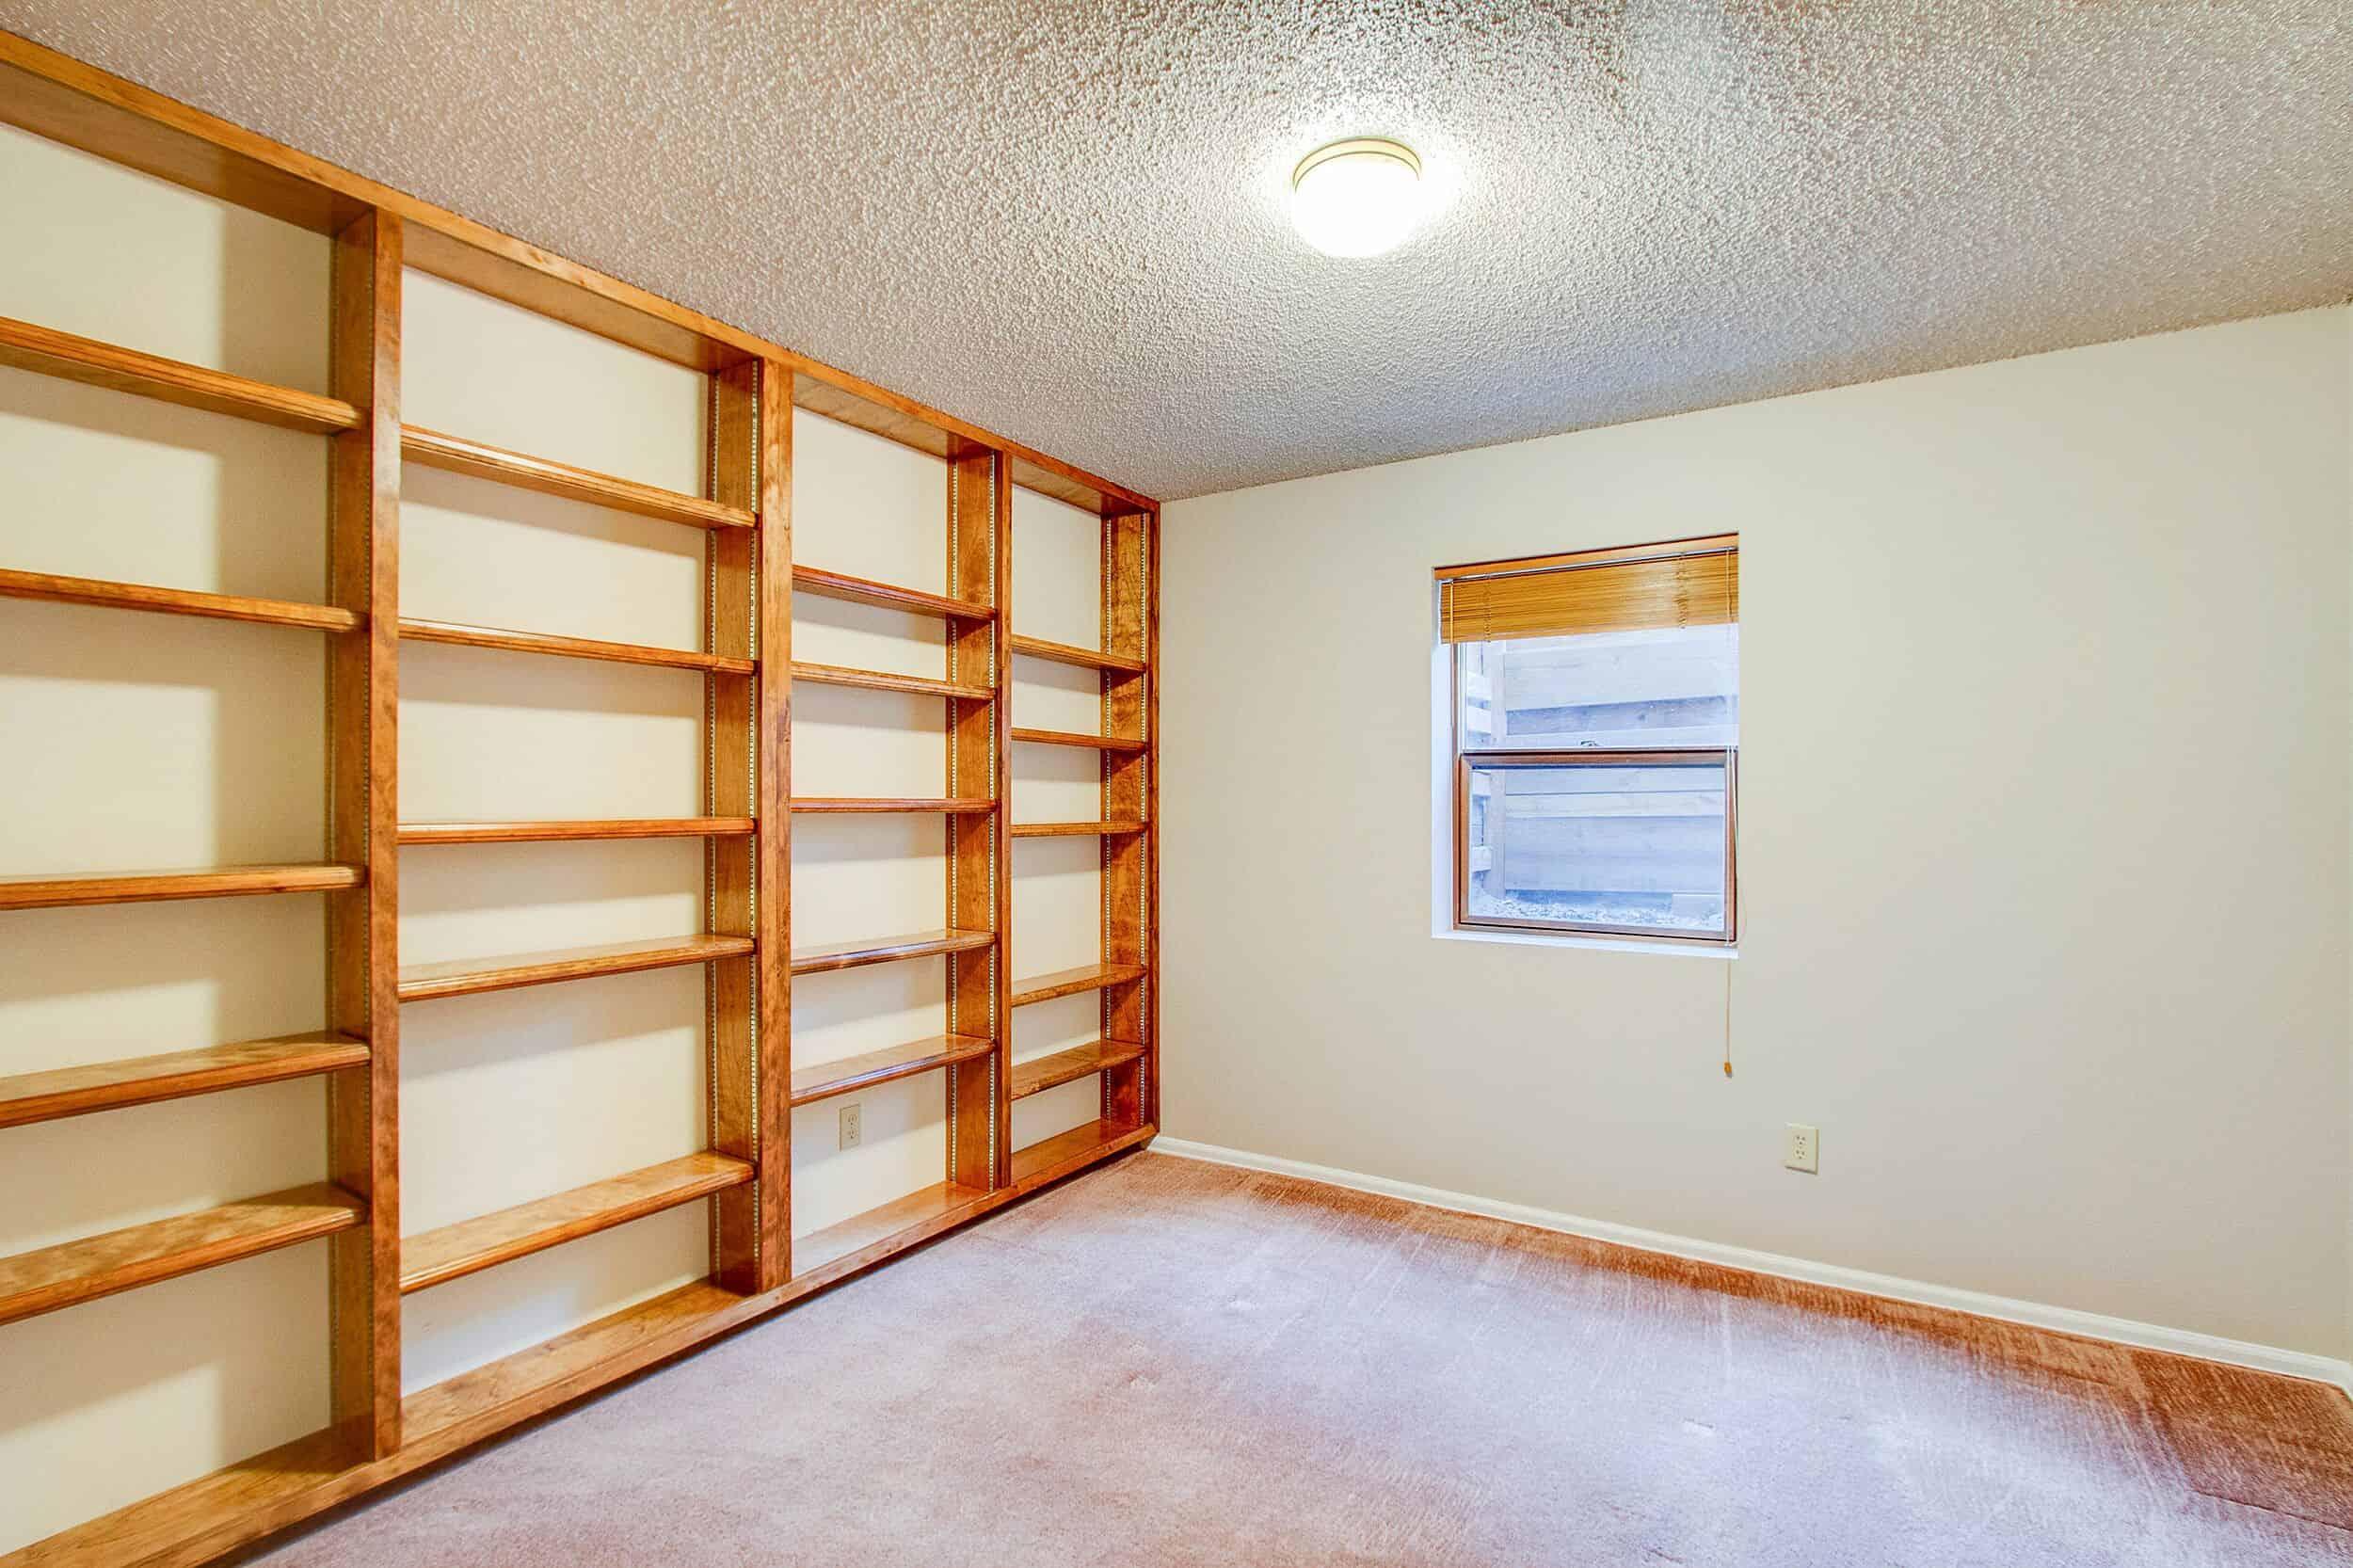 Basement Office with Built-In Bookshelves